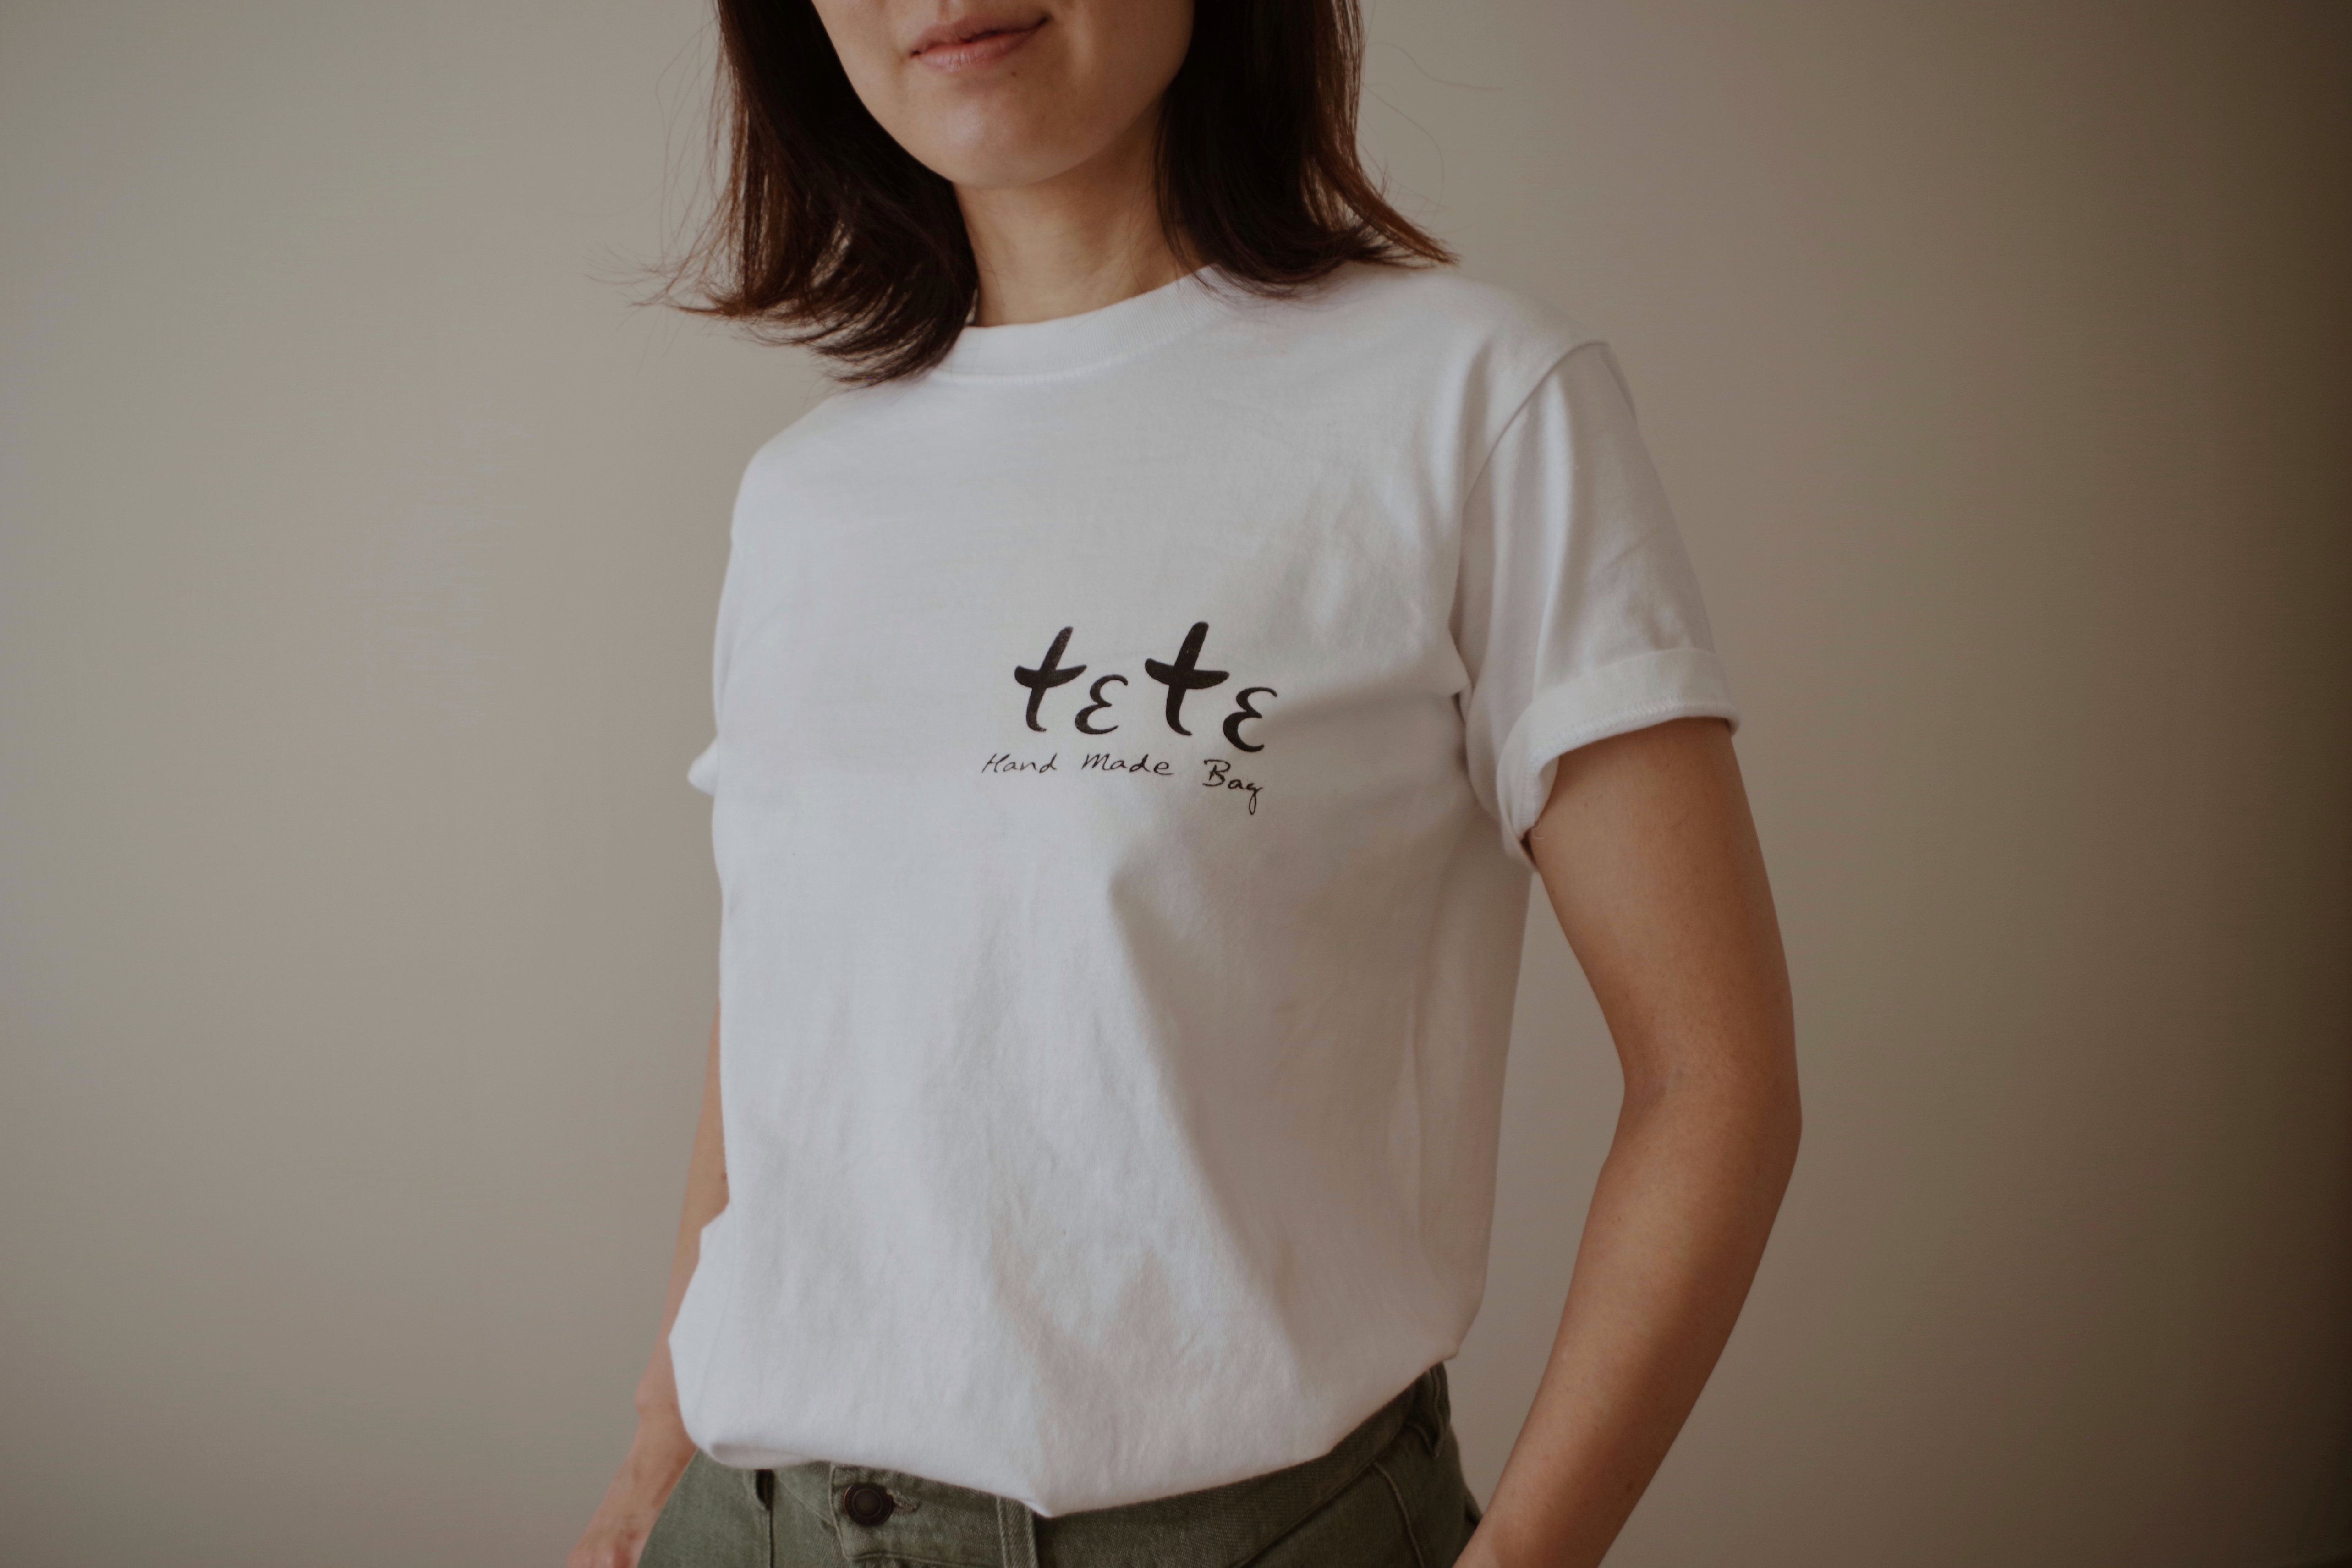 シルクスクリーンで「 teteT」作り